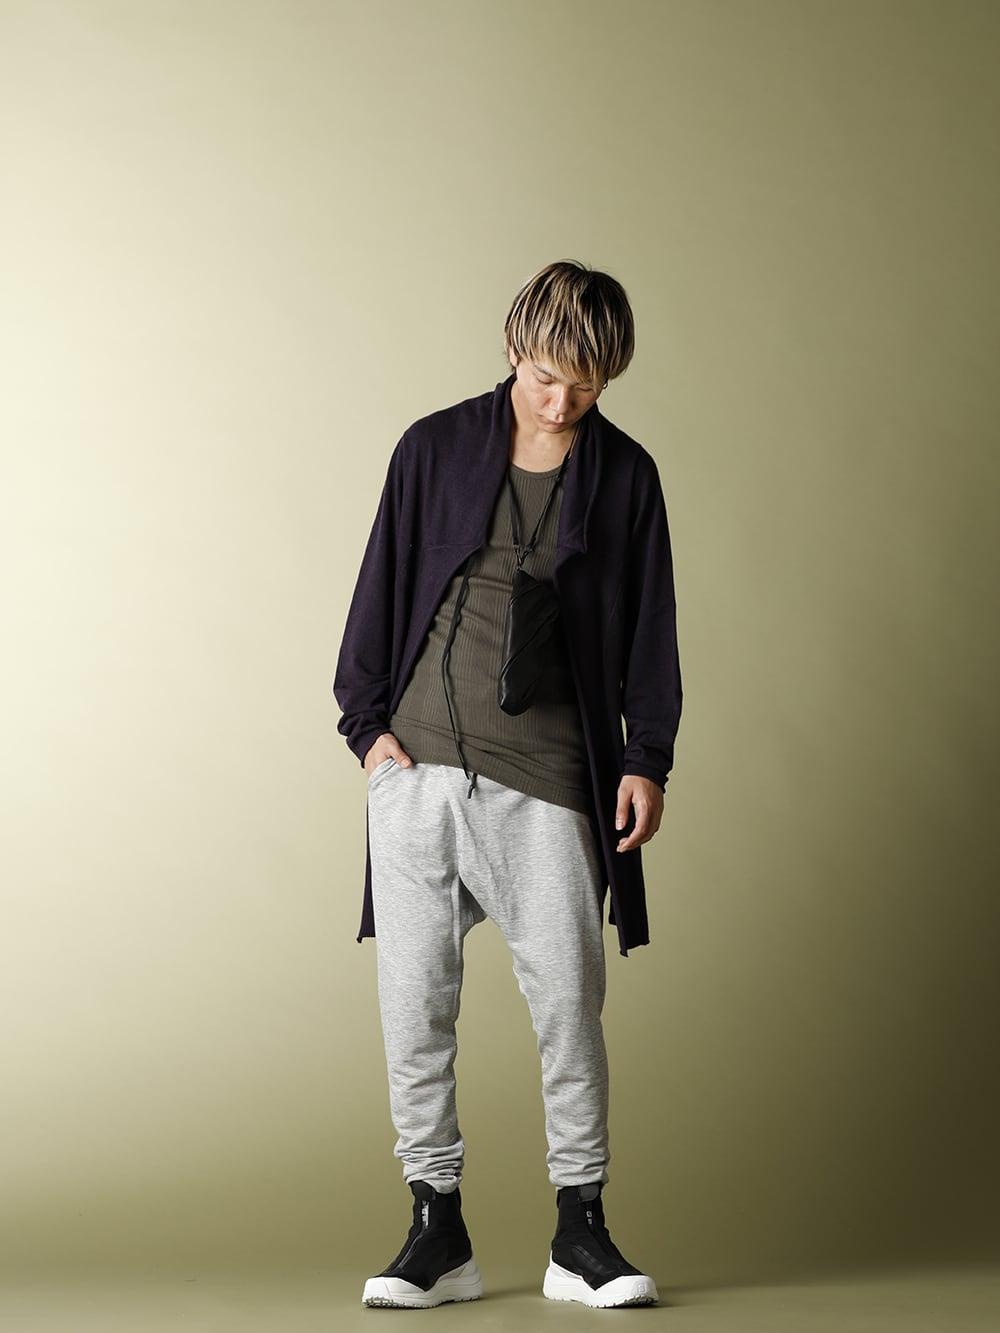 .LOGY Kyoto 20SS RIPVANWINKLE【 LAYERED TANK TOP 】STYLE! - 1-004